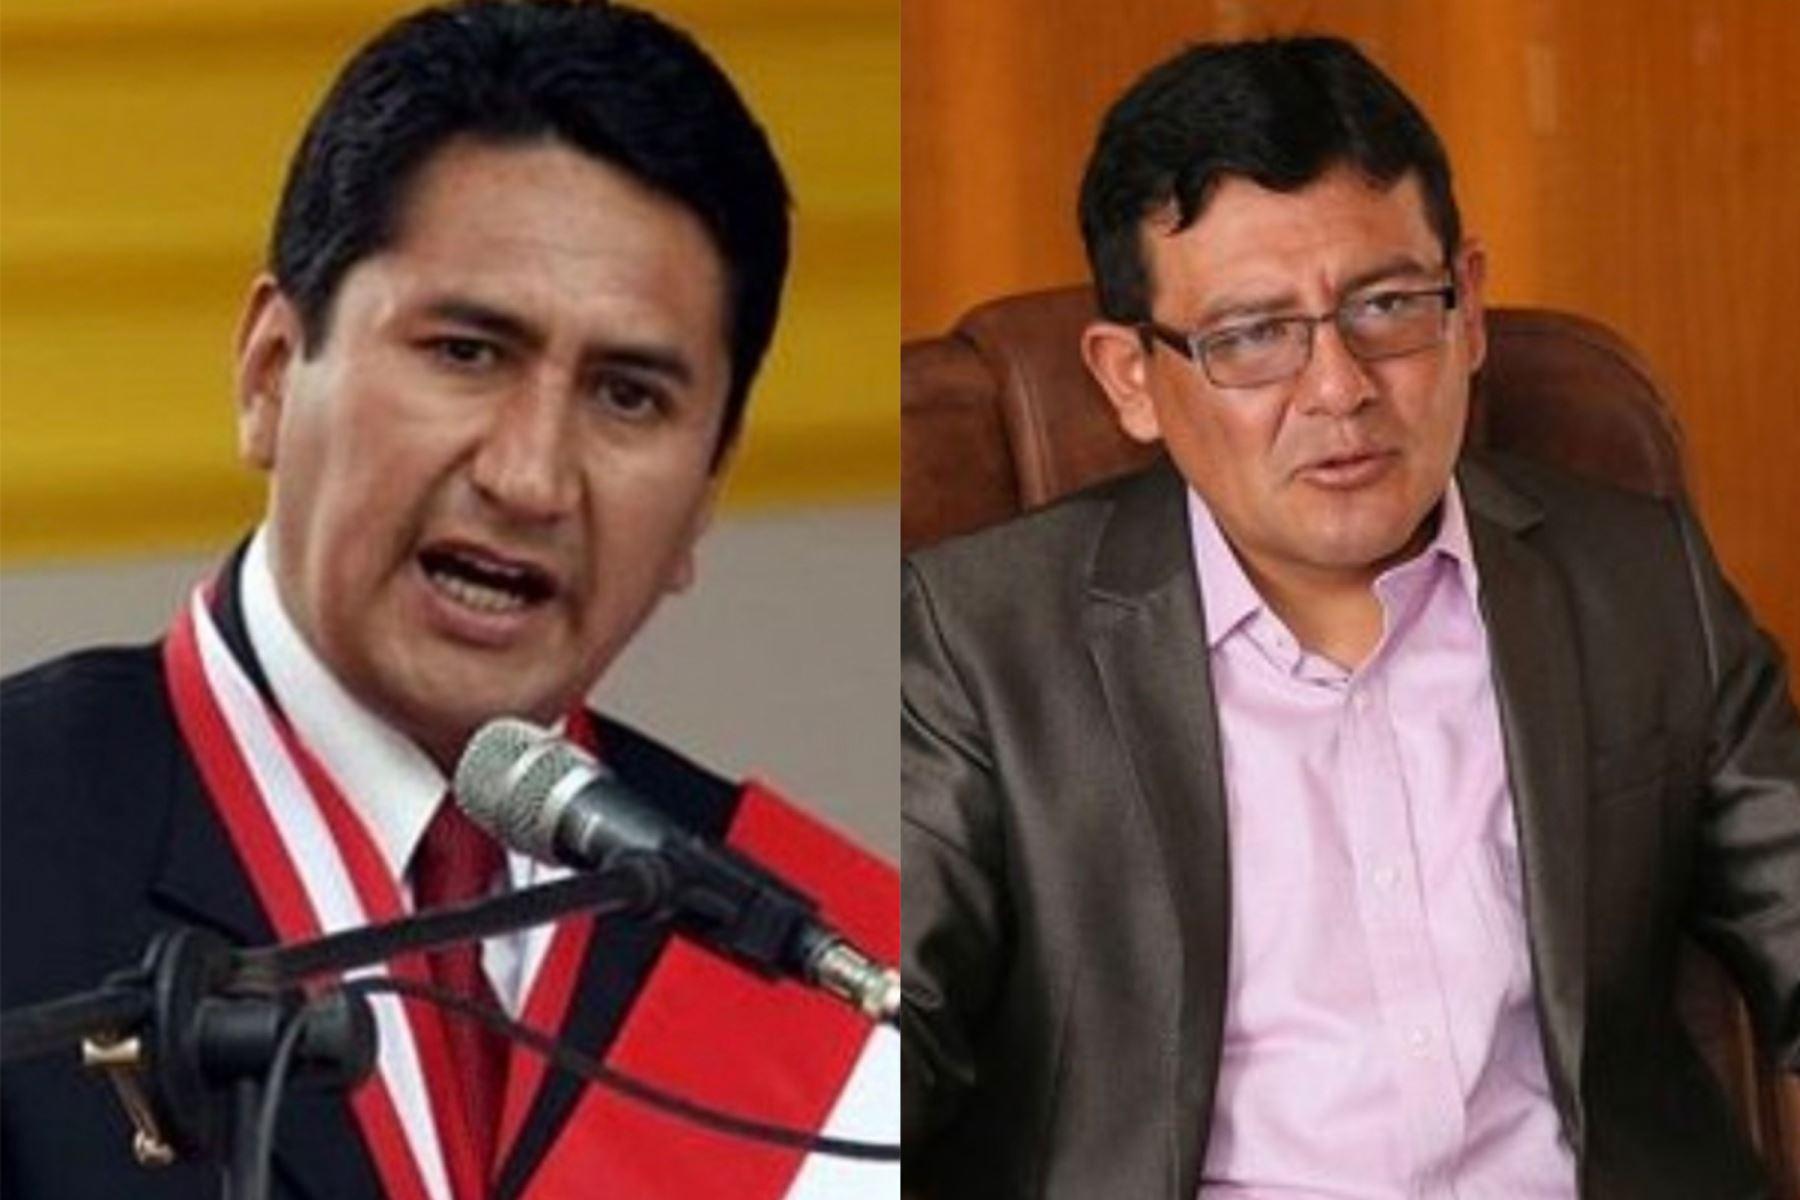 El gobernador regional de Junín, Vladimir Cerrón, y el alcalde provincial de Huancayo, Henry López, fueron condenados hoy a cuatro años y ocho meses de prisión efectiva.